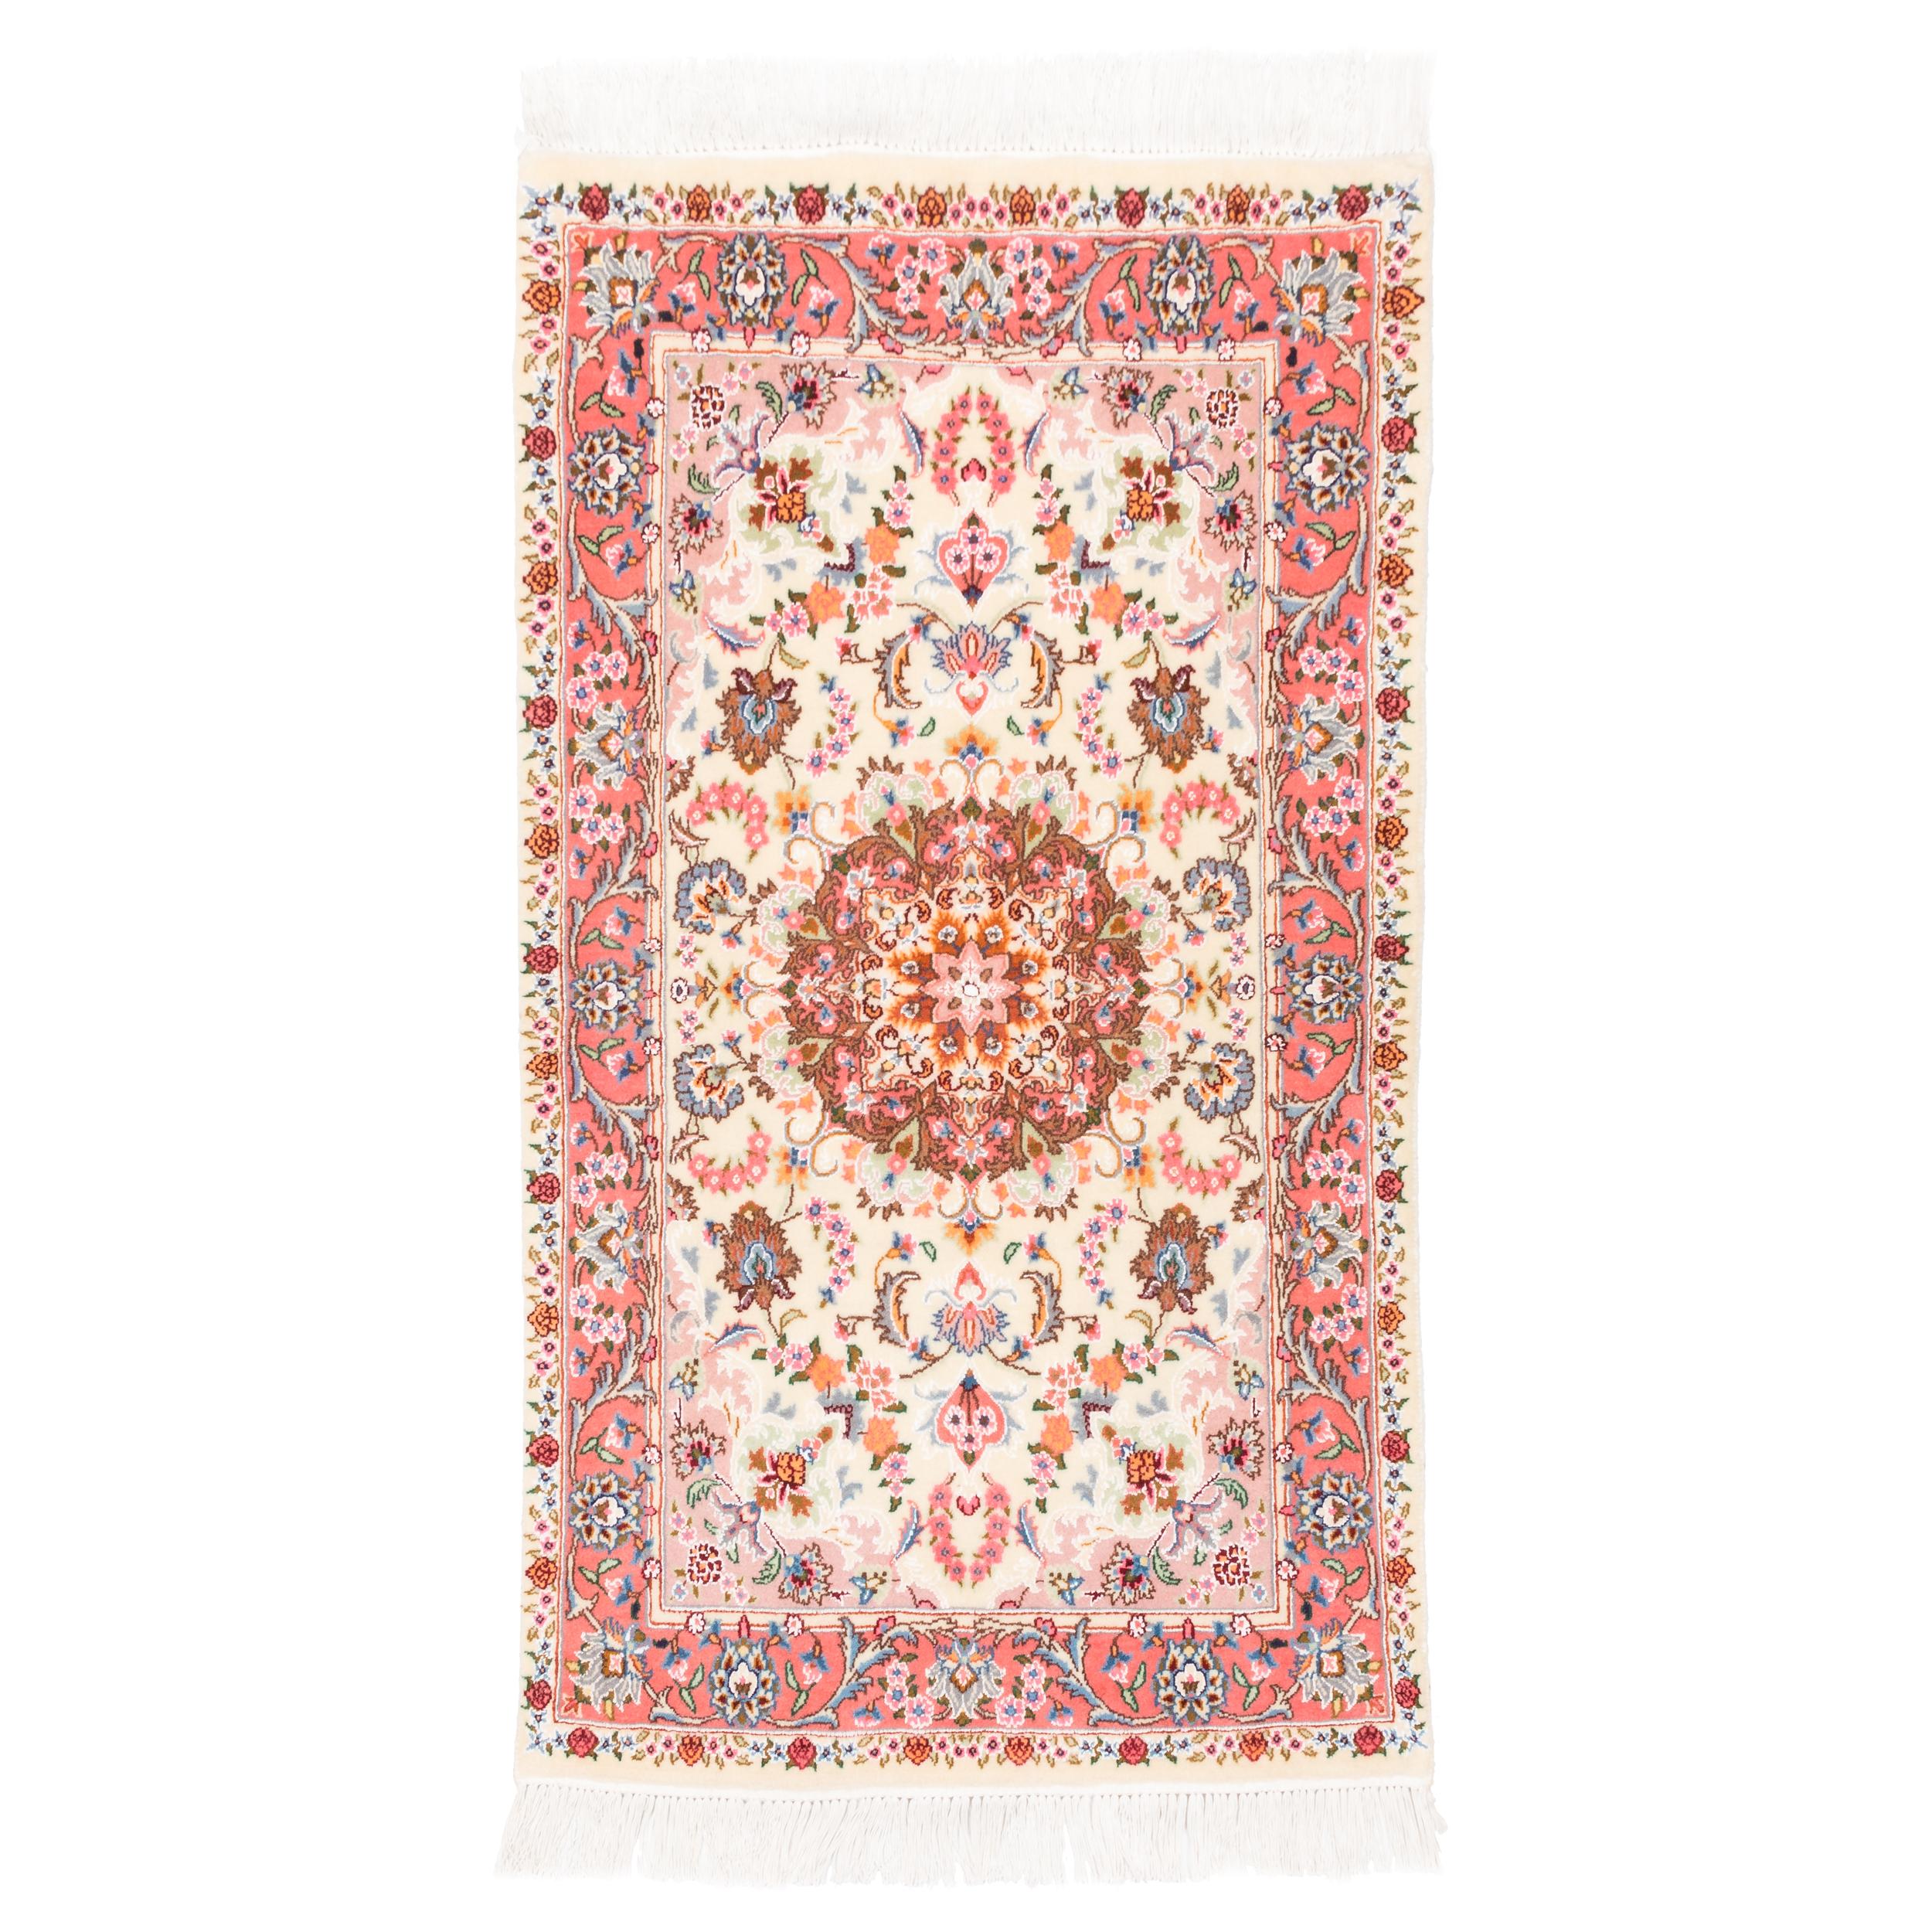 فرش دستباف قدیمی ذرع و نیم سی پرشیا کد 166088